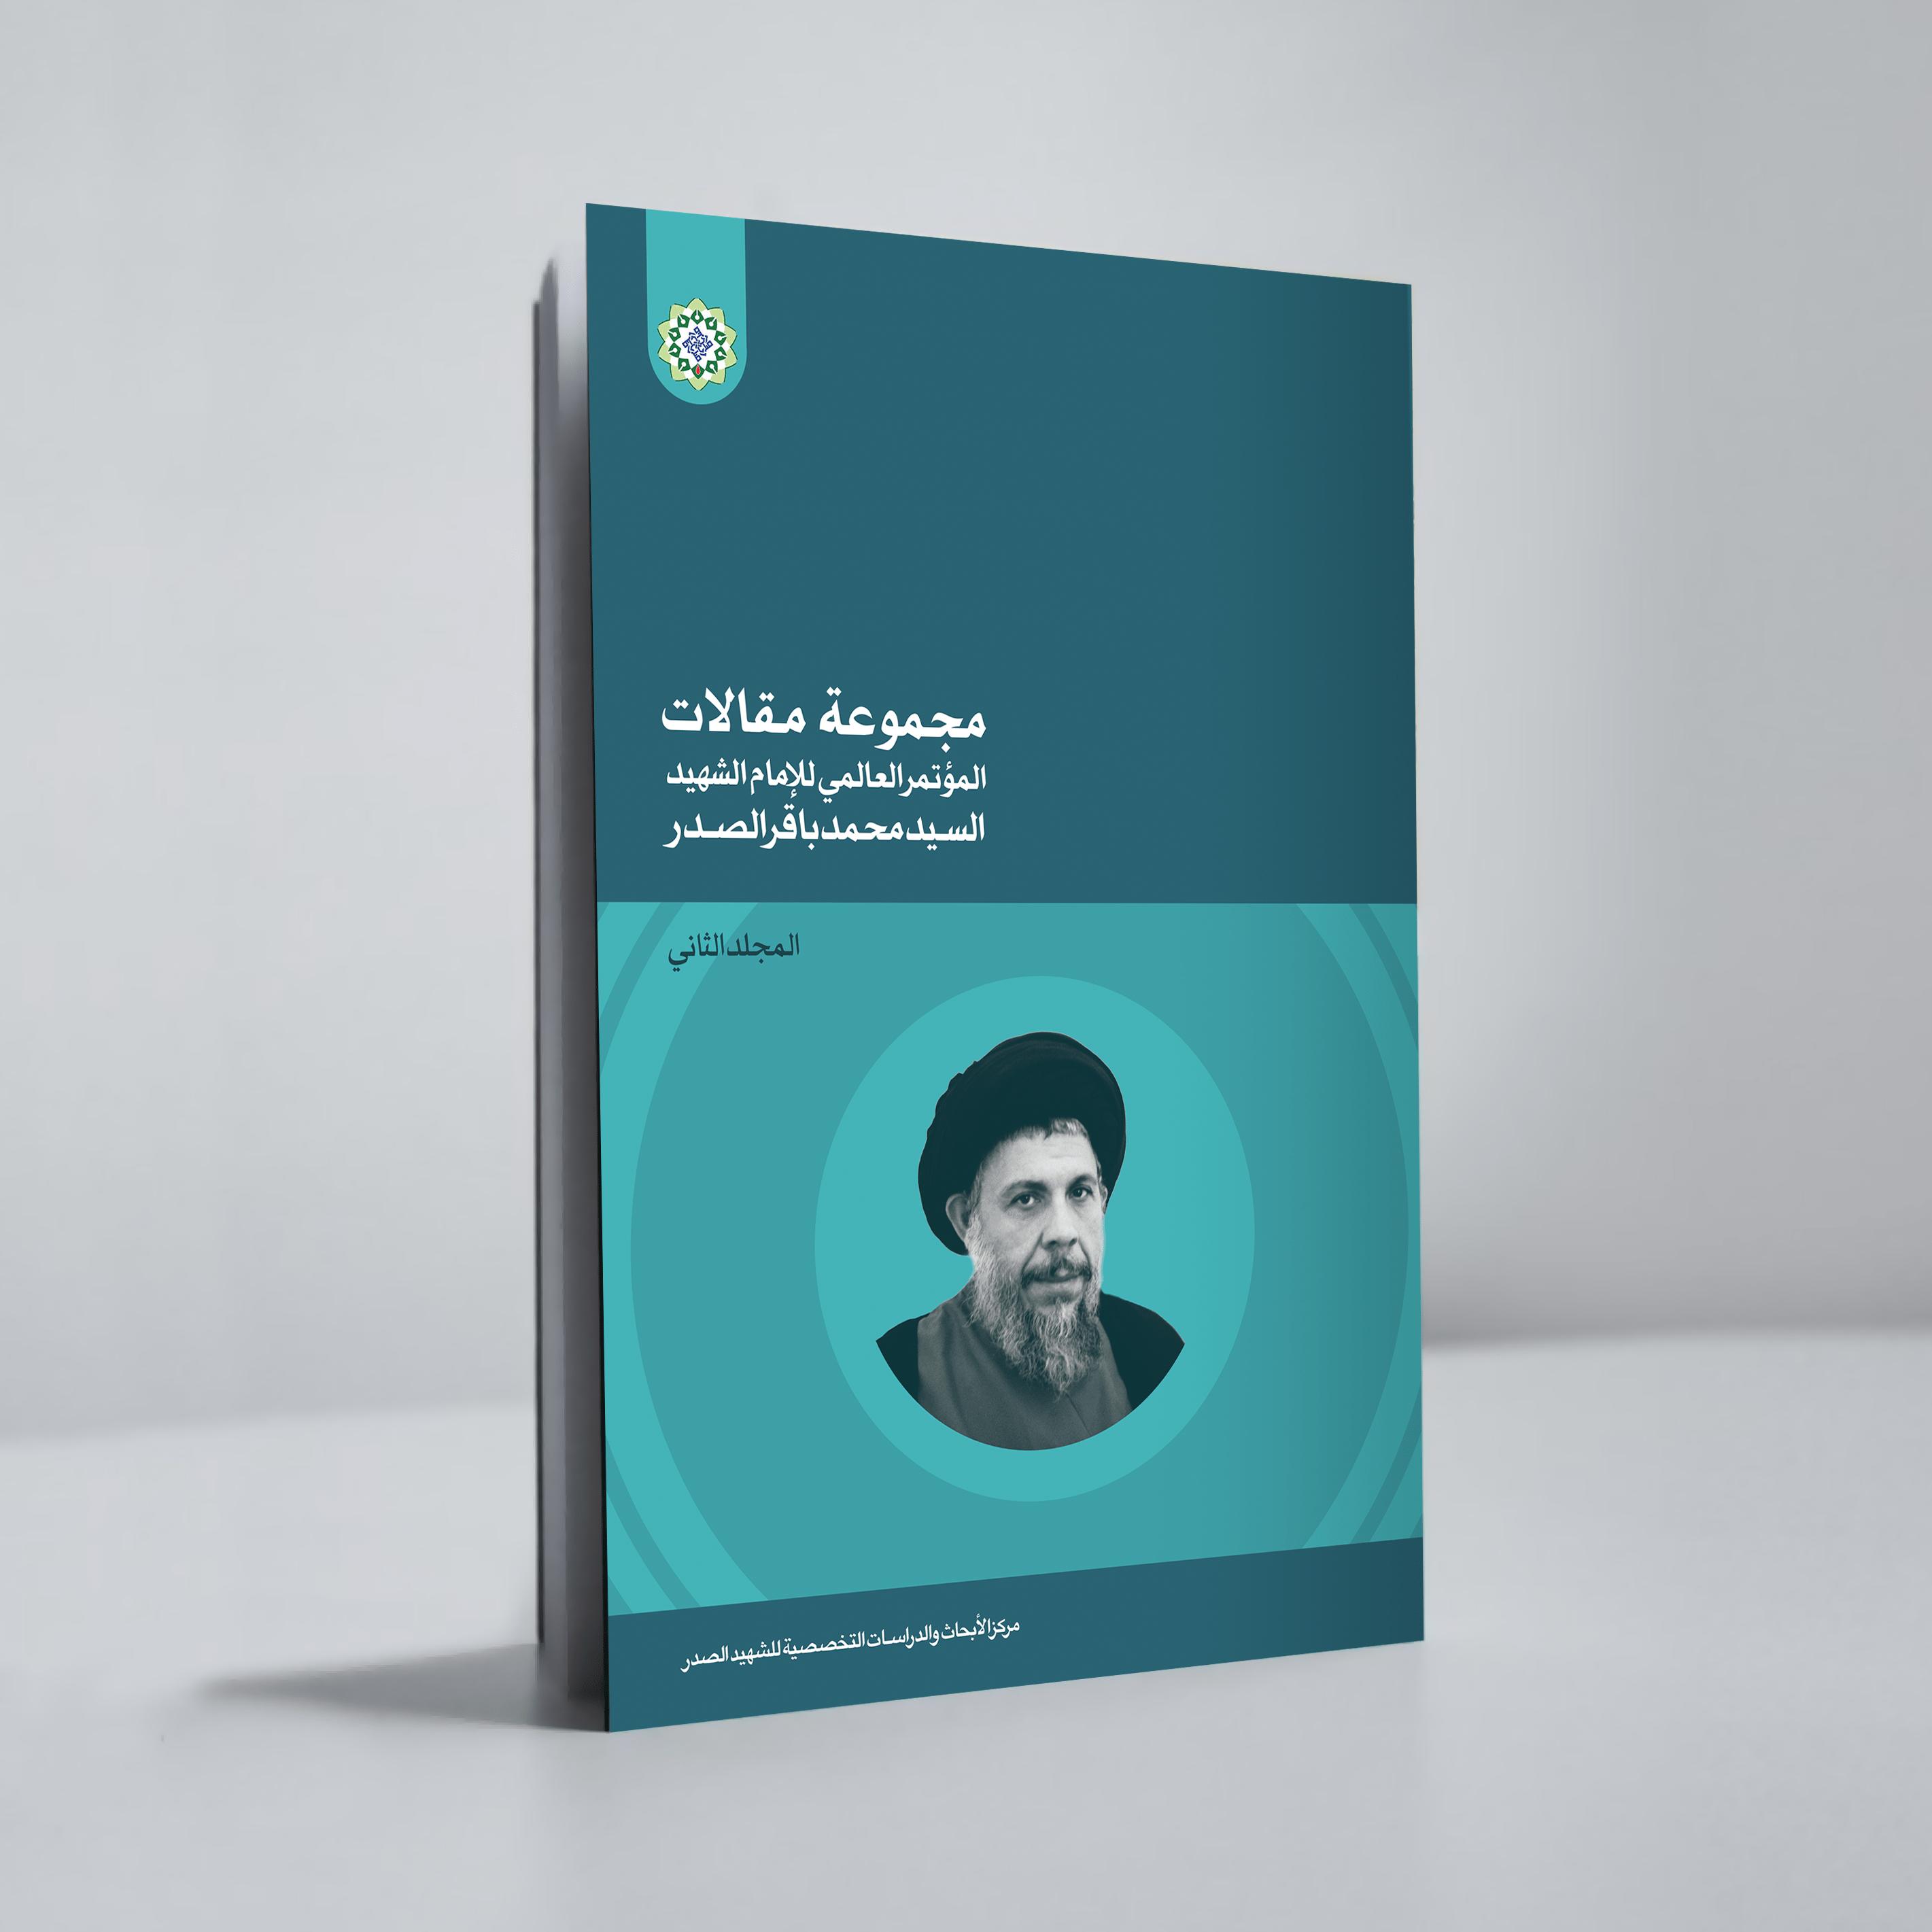 مجموعه مقالات المؤتمر العالمی للإمام الشهید السید محمد باقر الصدر(١ـ۴) 3